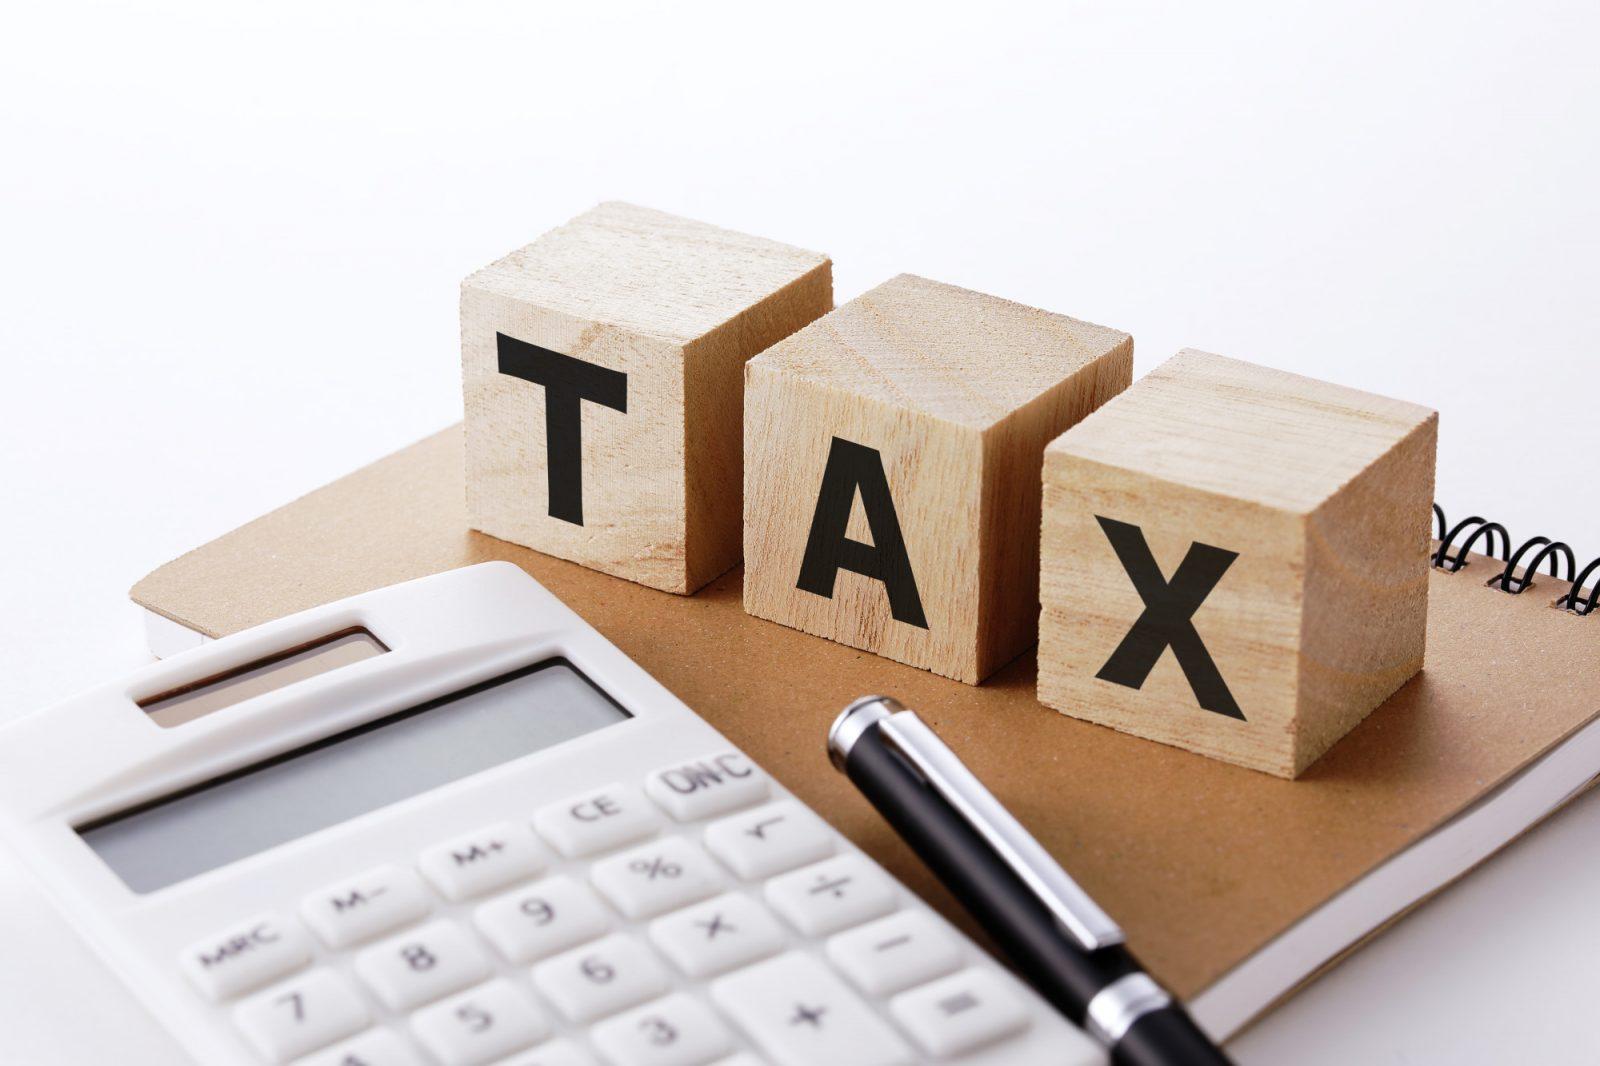 mistake on taxes already filed